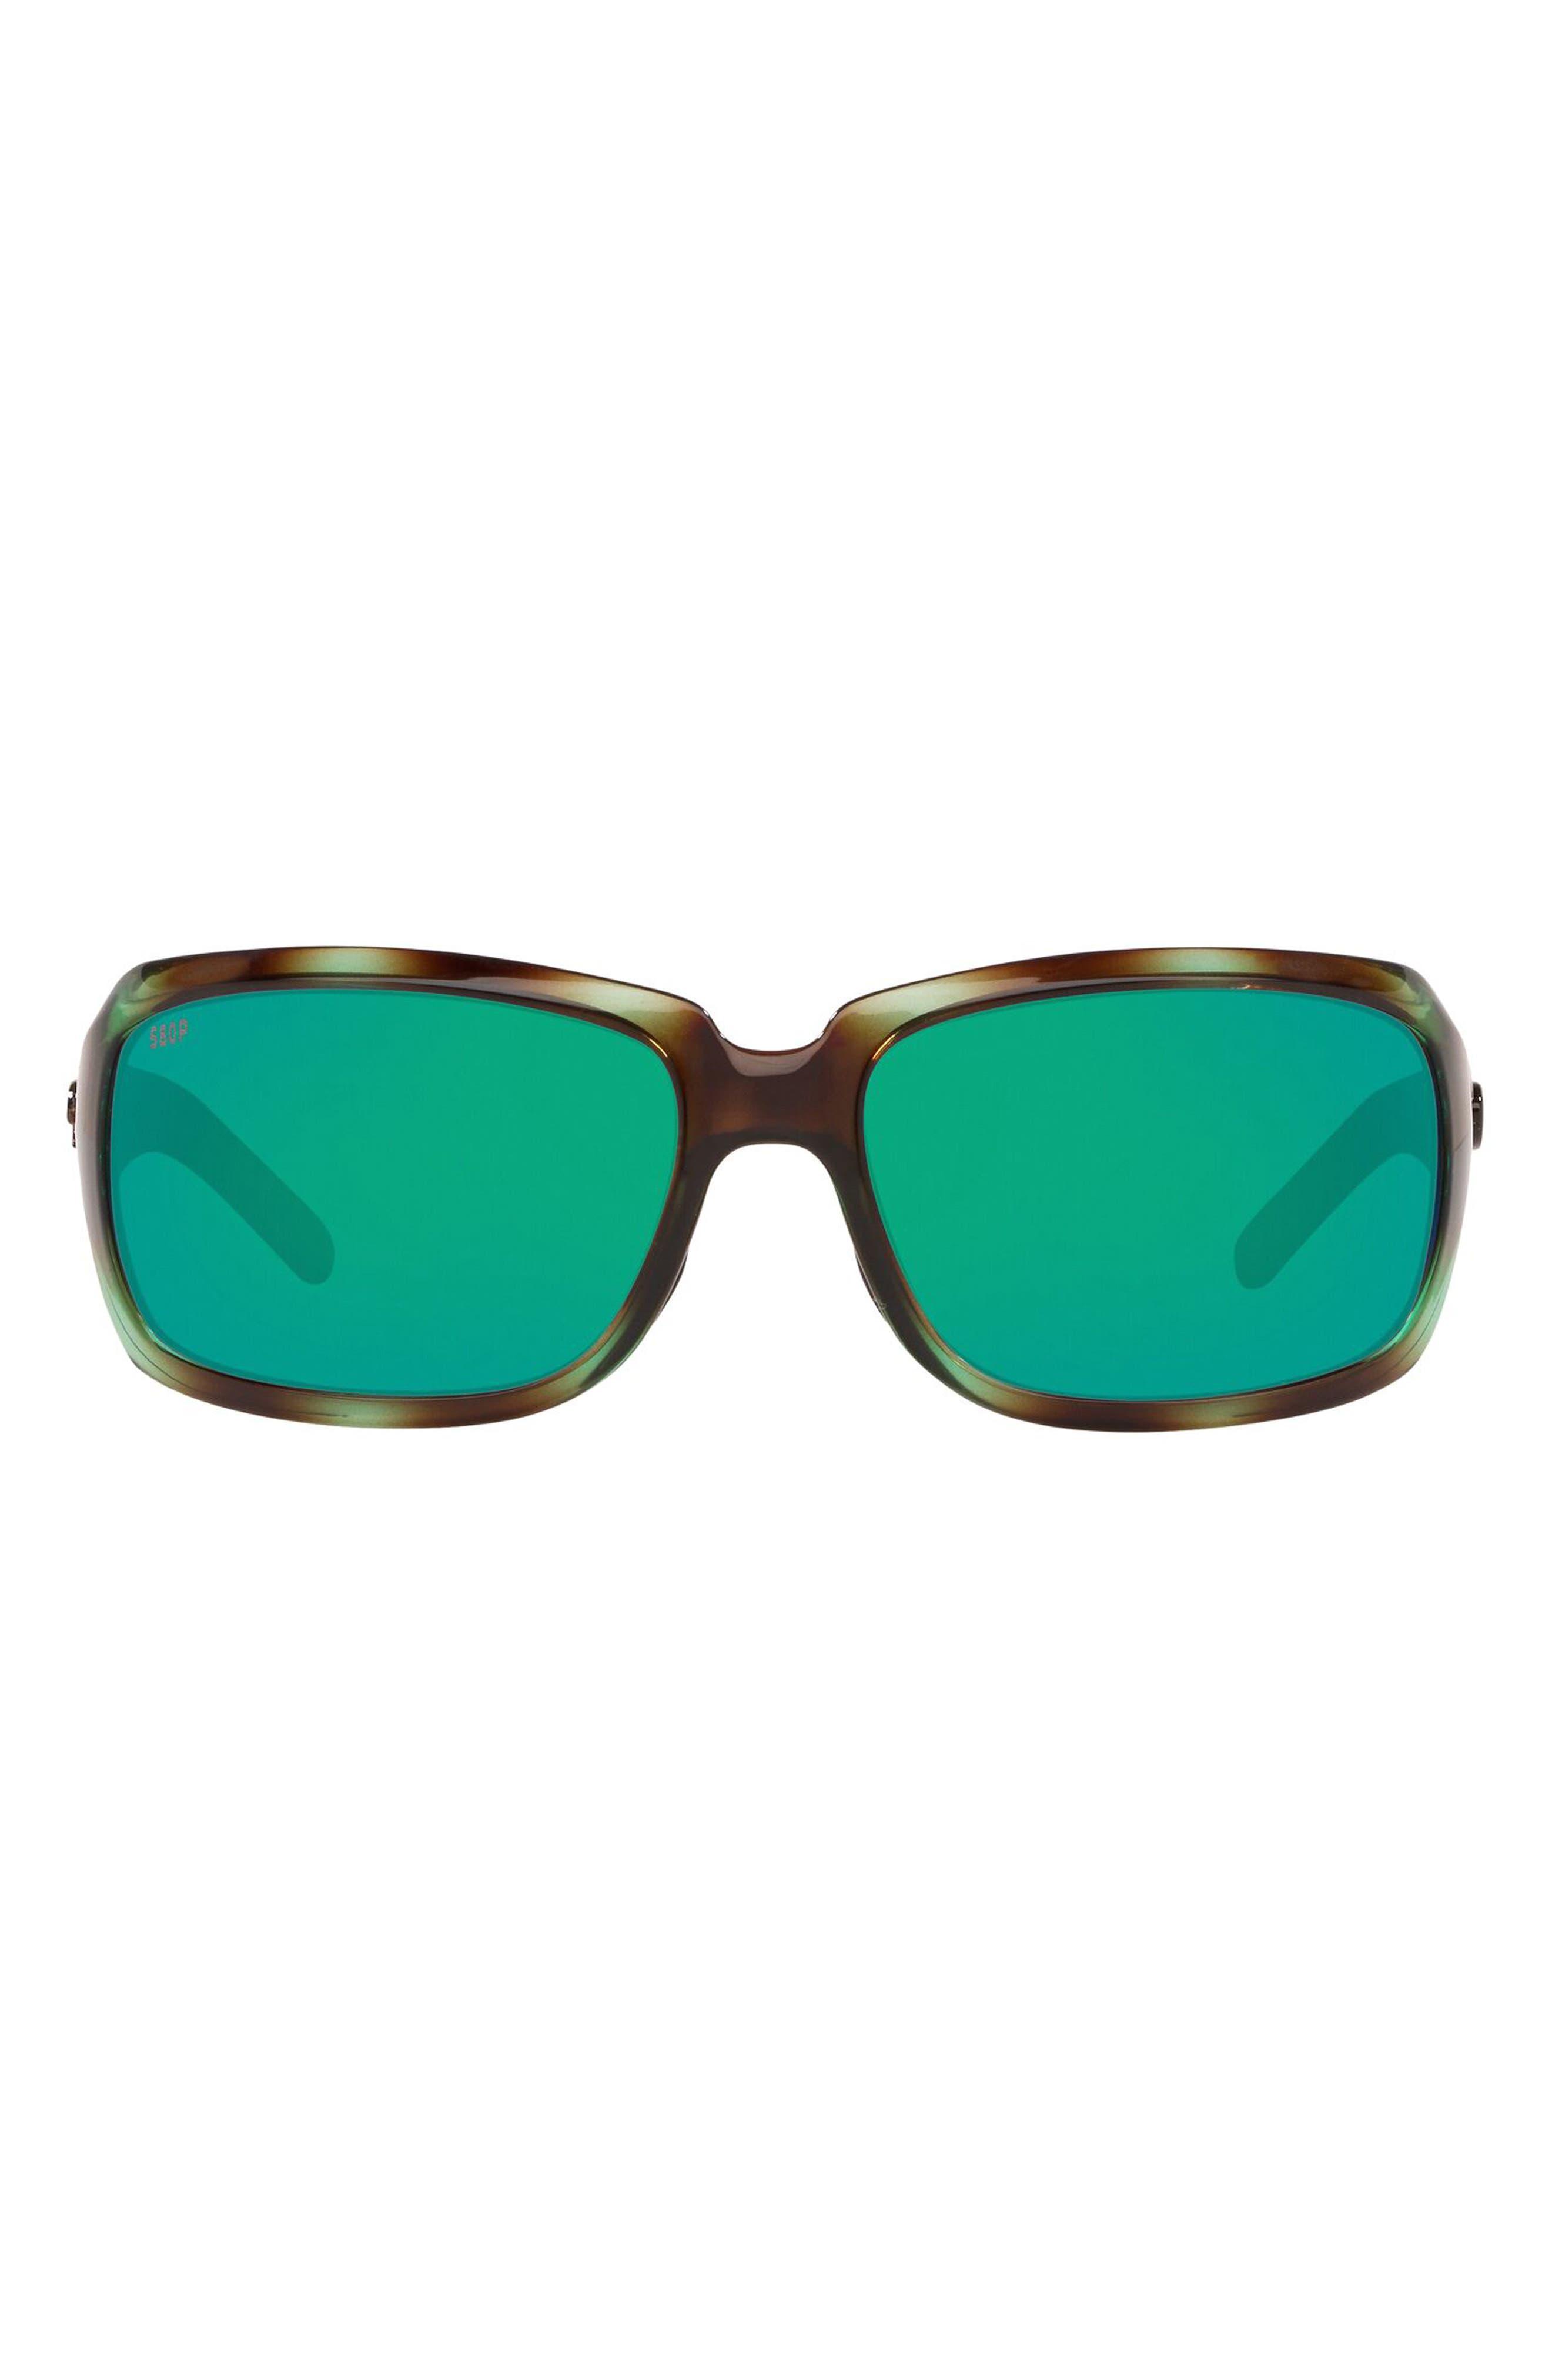 64mm Polarized Oversize Rectangle Sunglasses